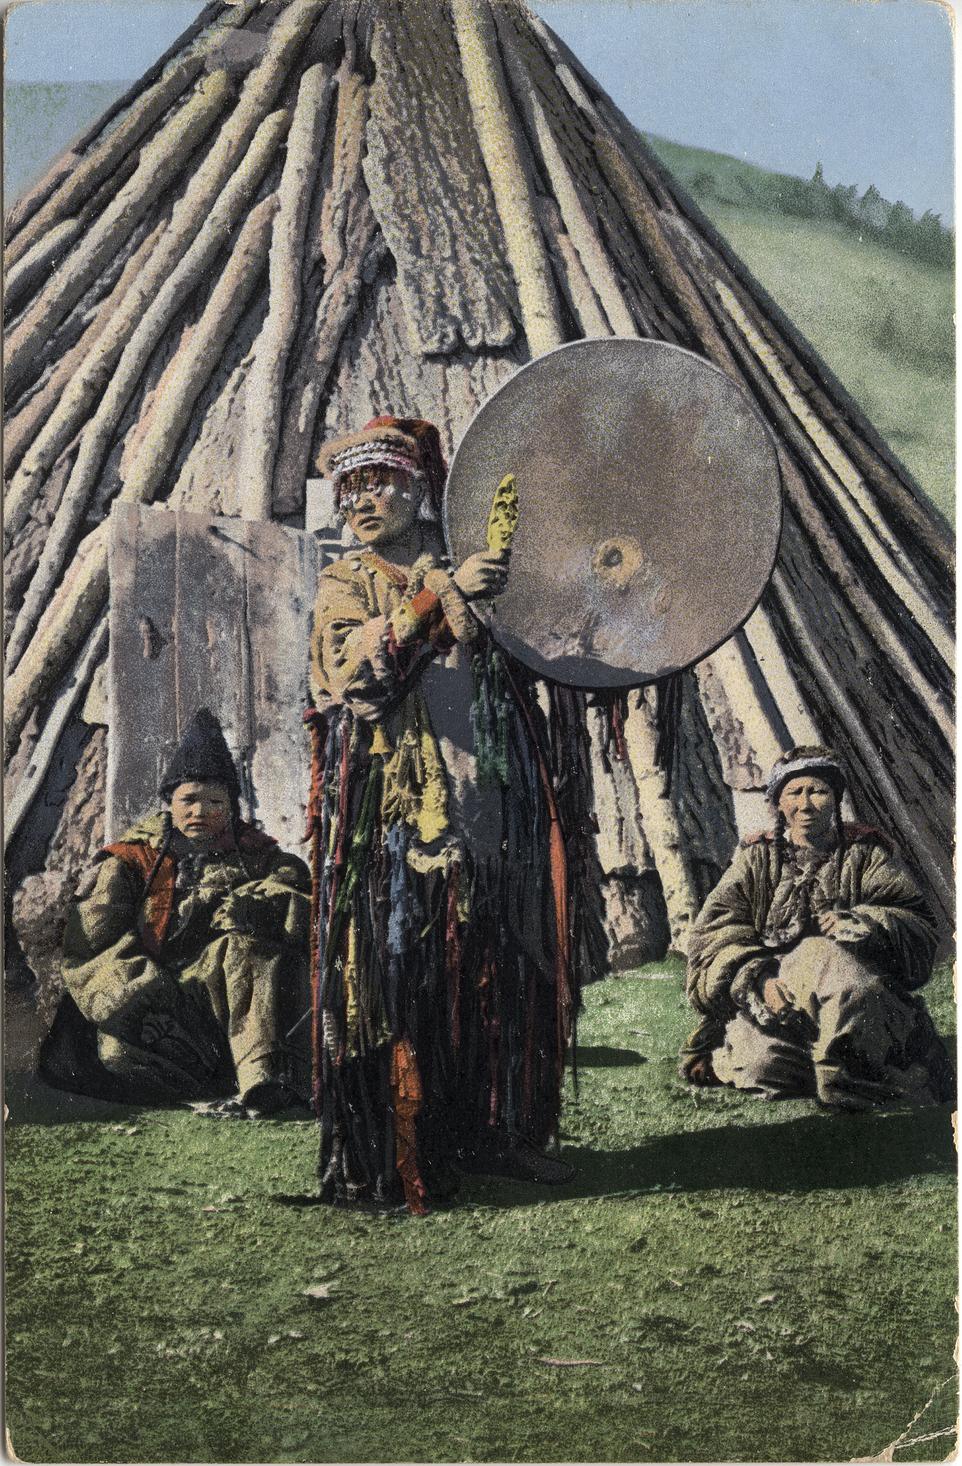 Алтайский шаман с бубном на фоне традиционного жилища - чаадыр